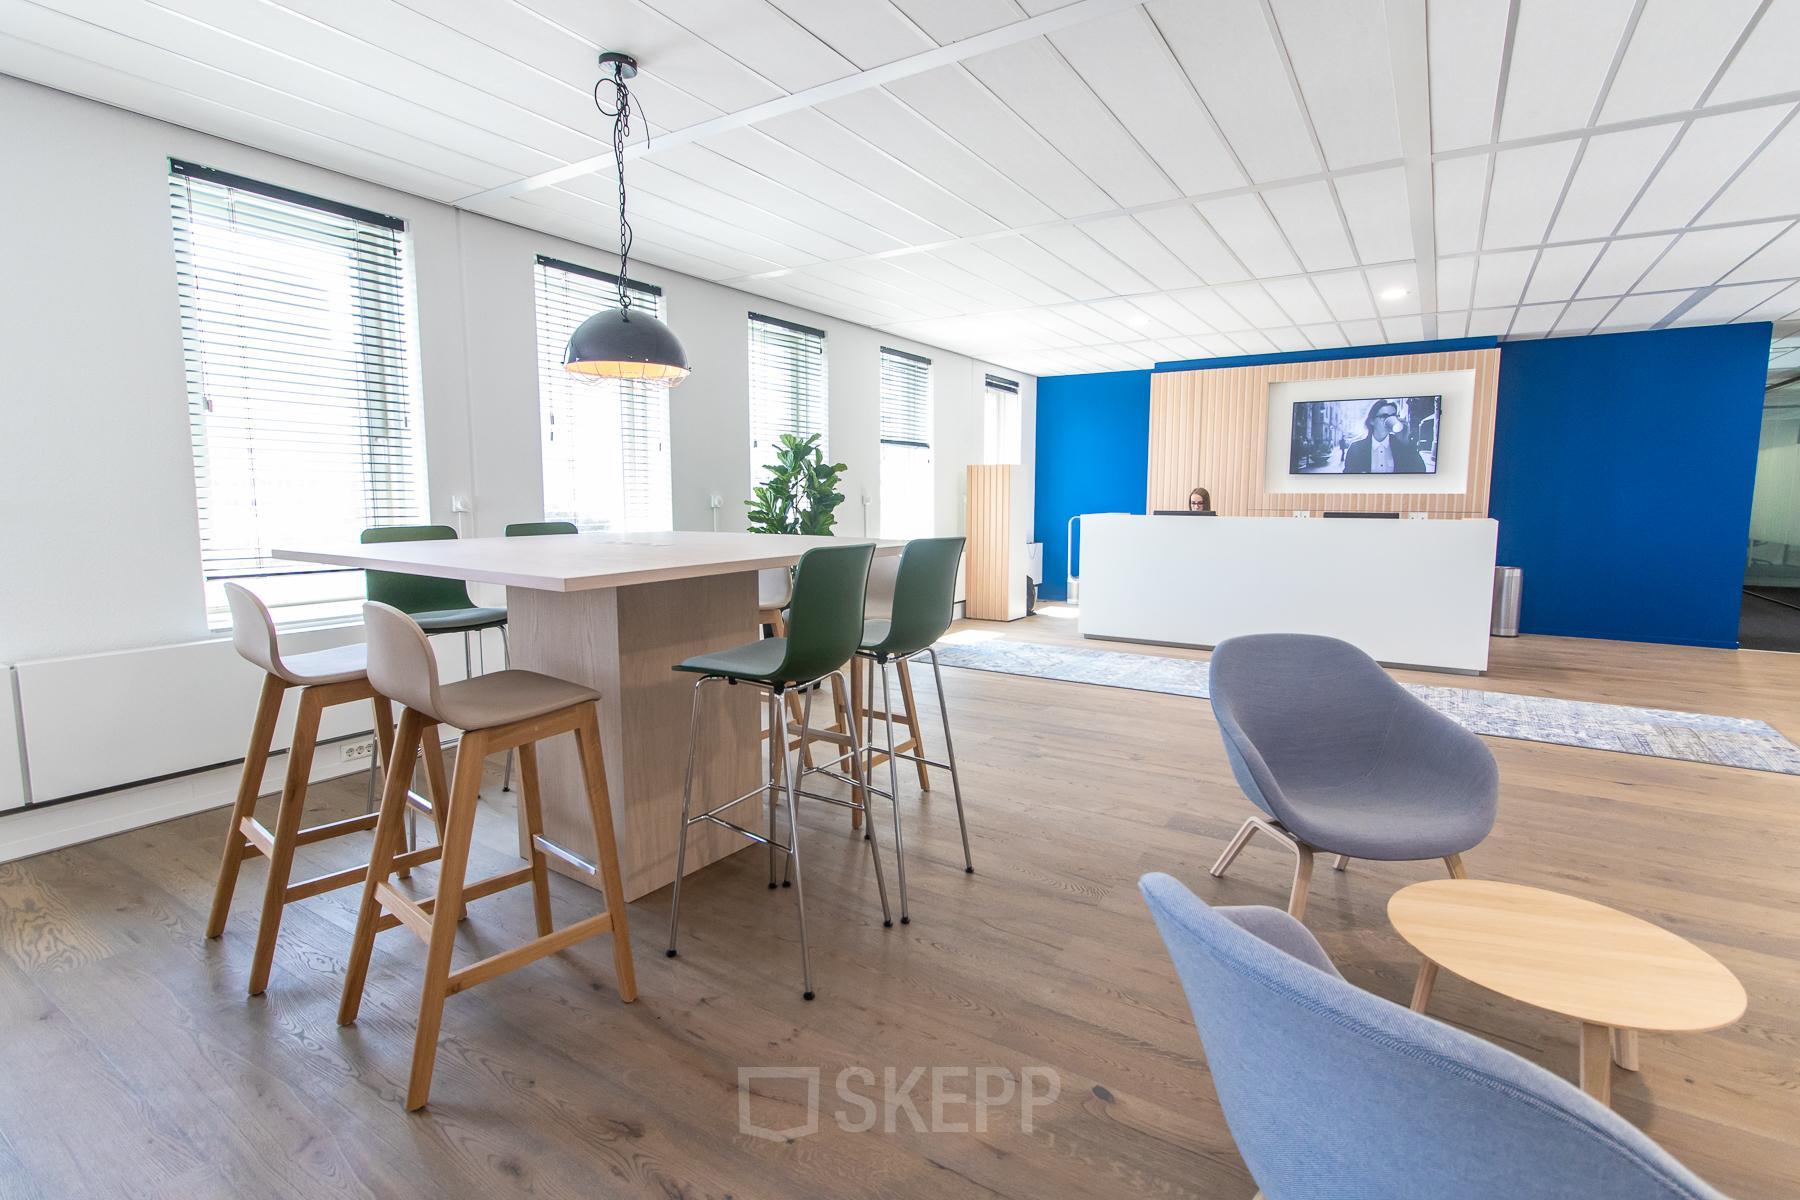 Kantoor Huren Amsterdam : Kantoorruimte huren aan arena boulevard in amsterdam skepp